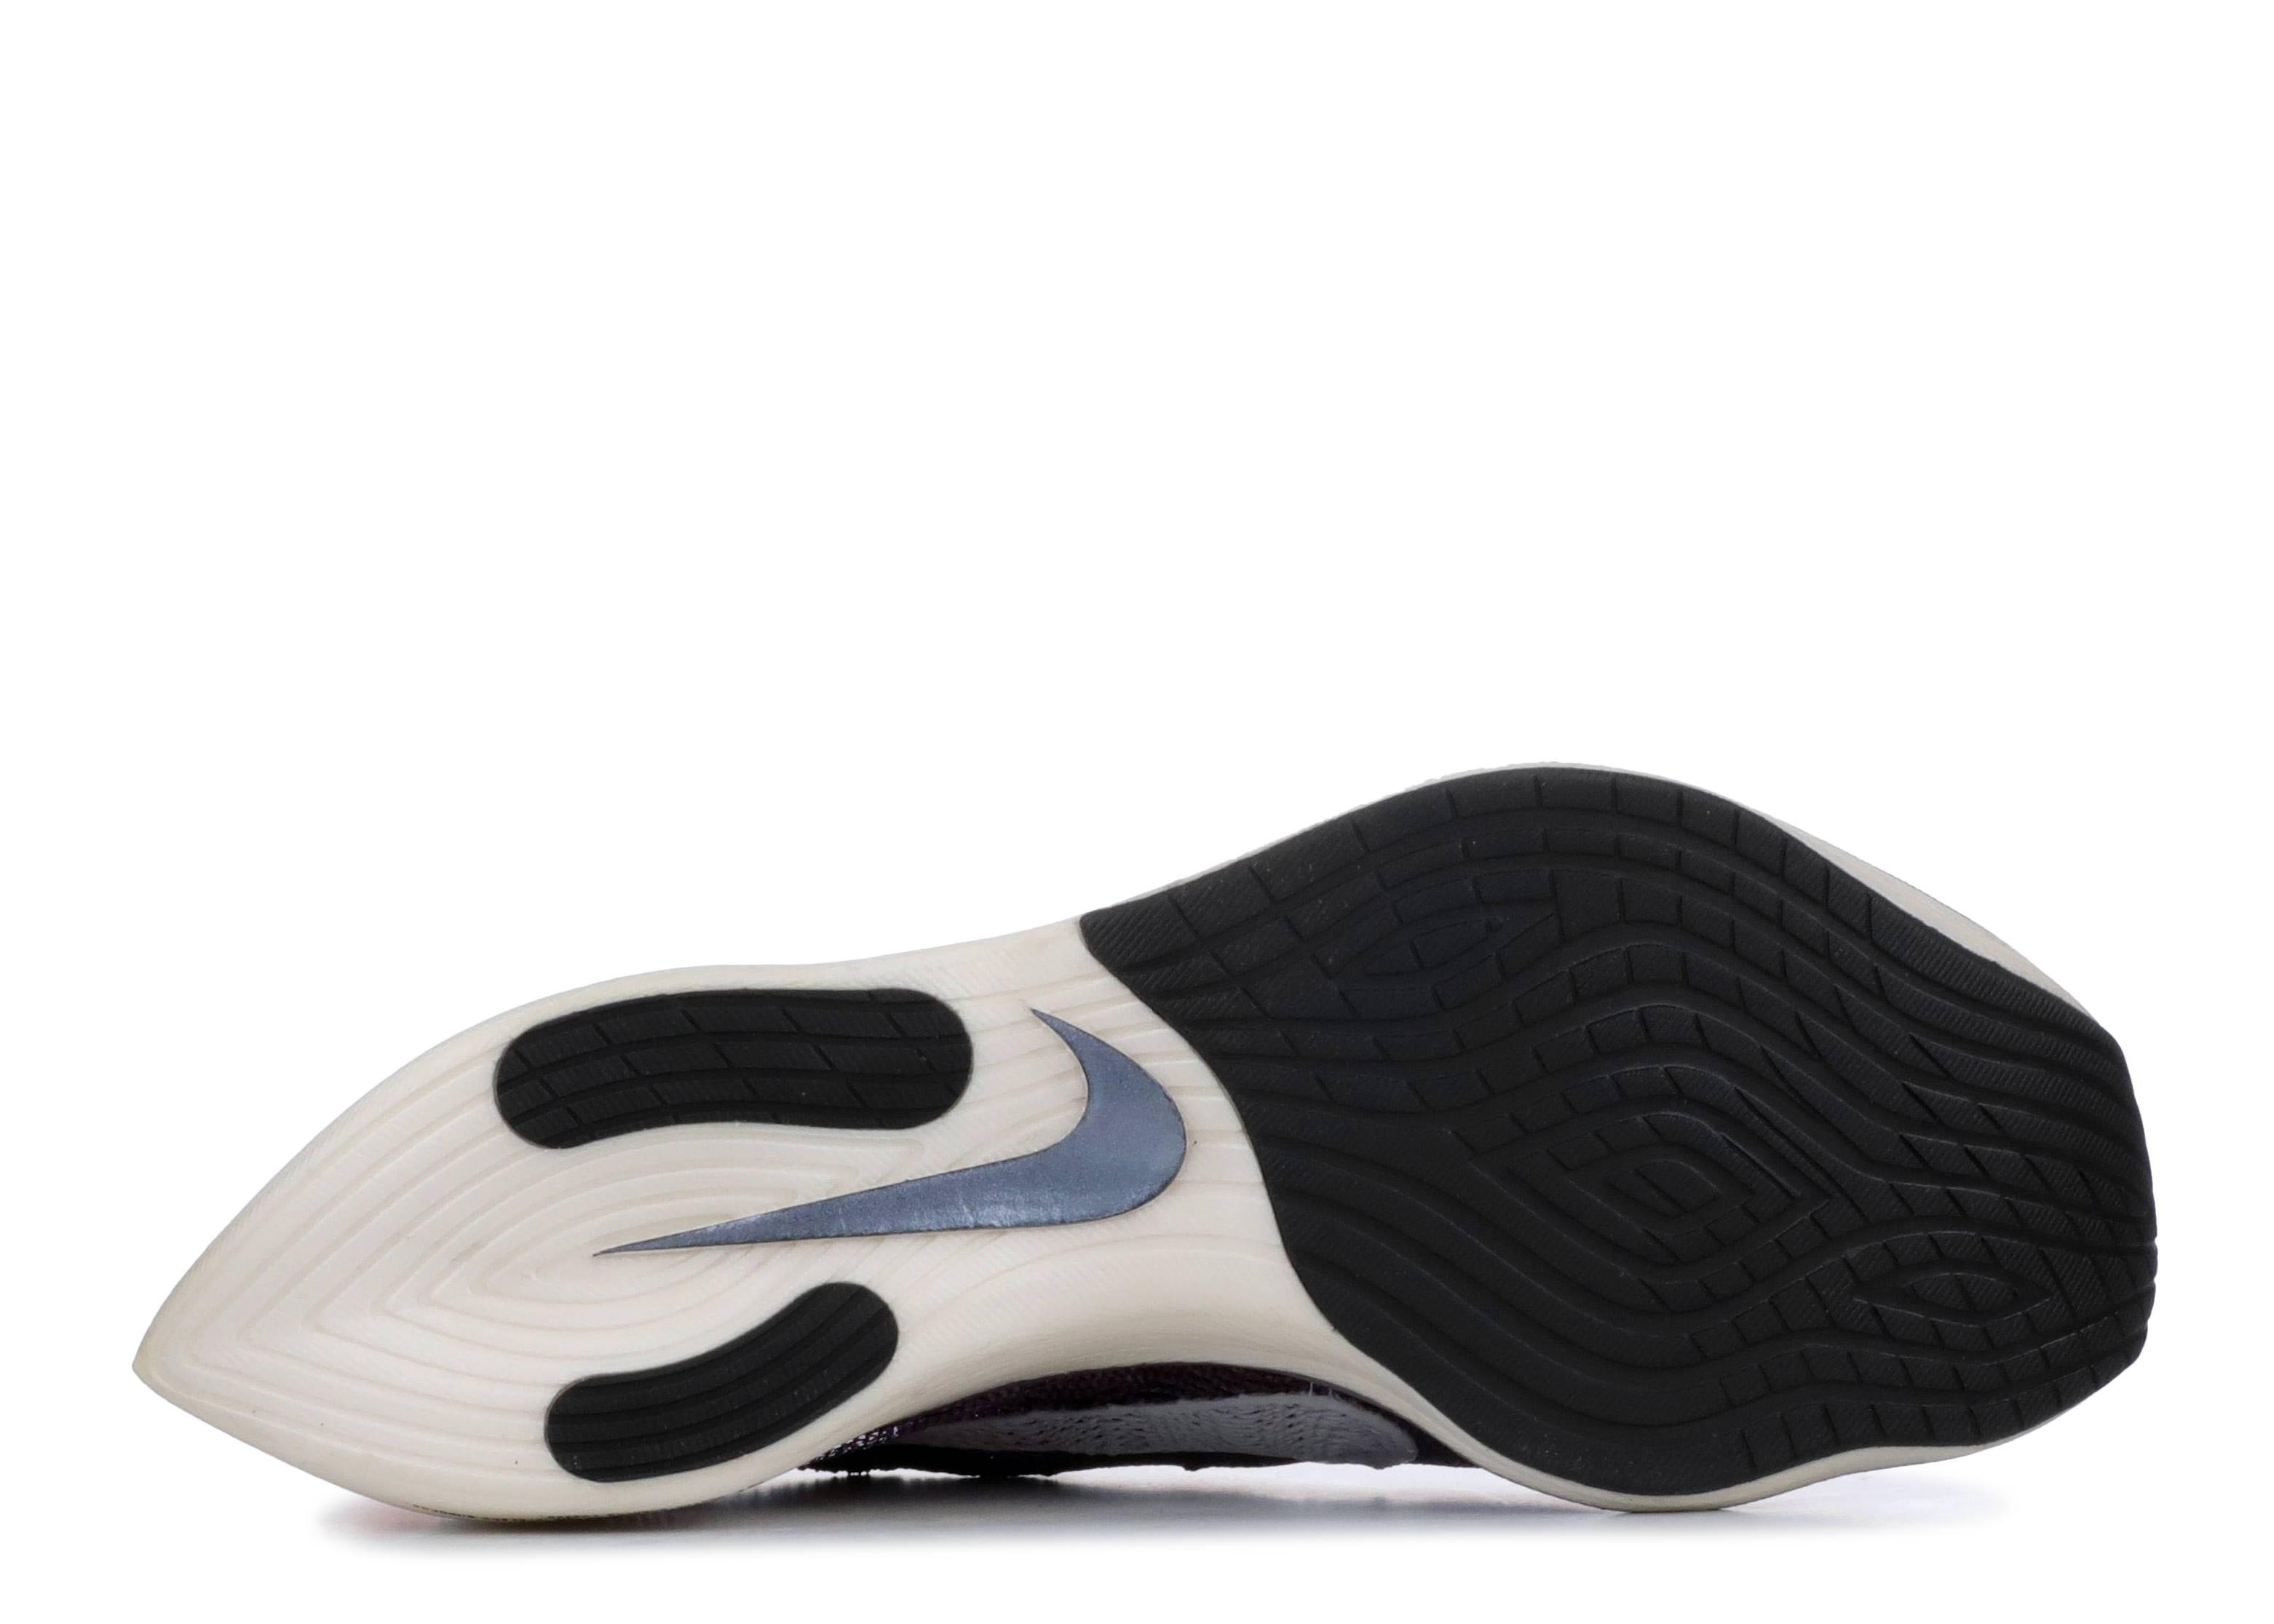 f4de8ce8b97f Nike Zoom Vaporfly Elite Flyprint